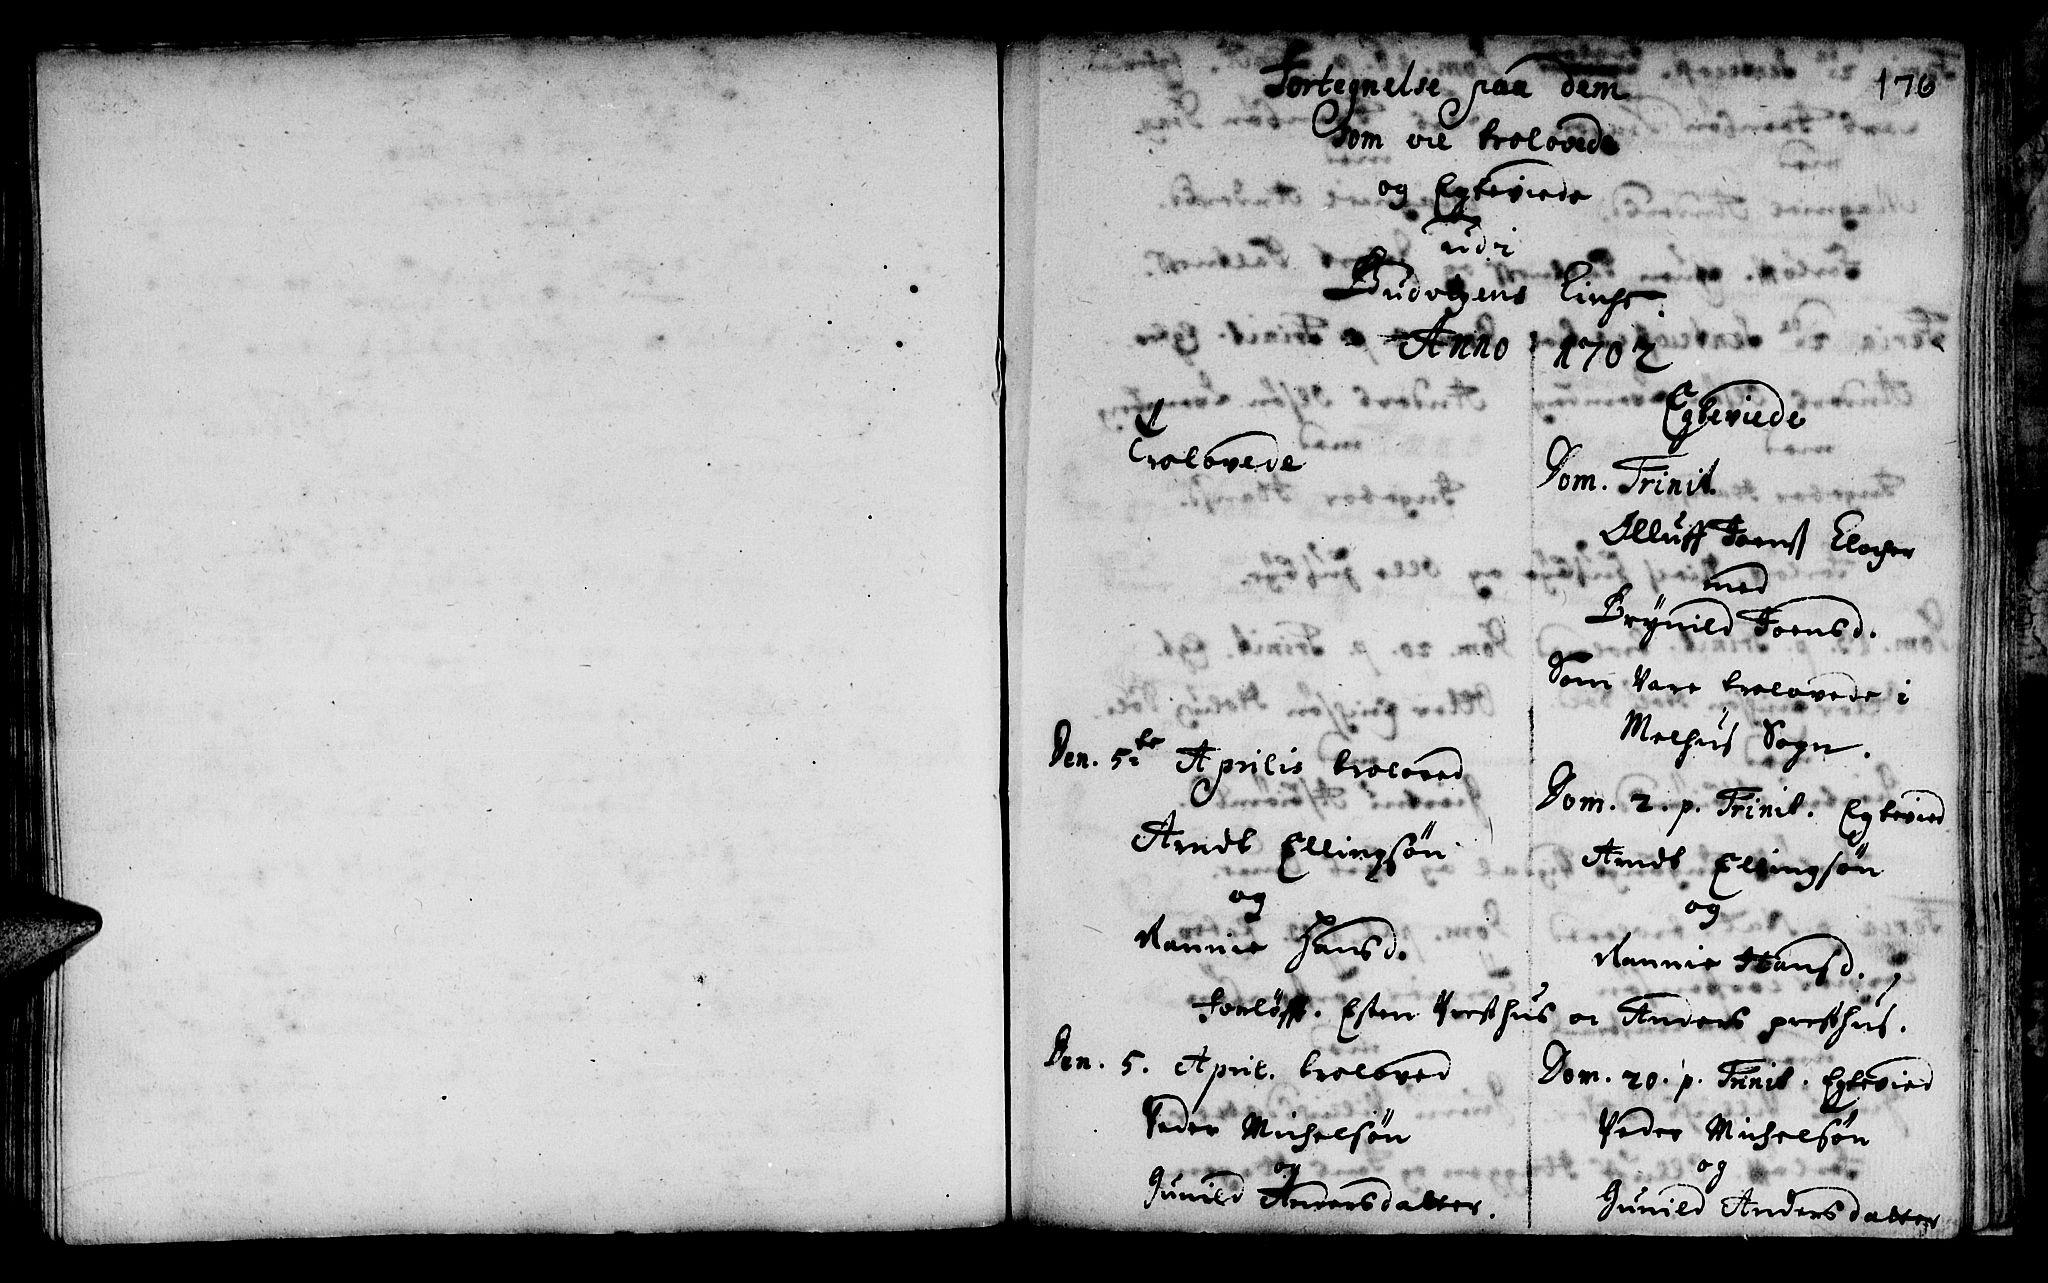 SAT, Ministerialprotokoller, klokkerbøker og fødselsregistre - Sør-Trøndelag, 666/L0783: Ministerialbok nr. 666A01, 1702-1753, s. 176